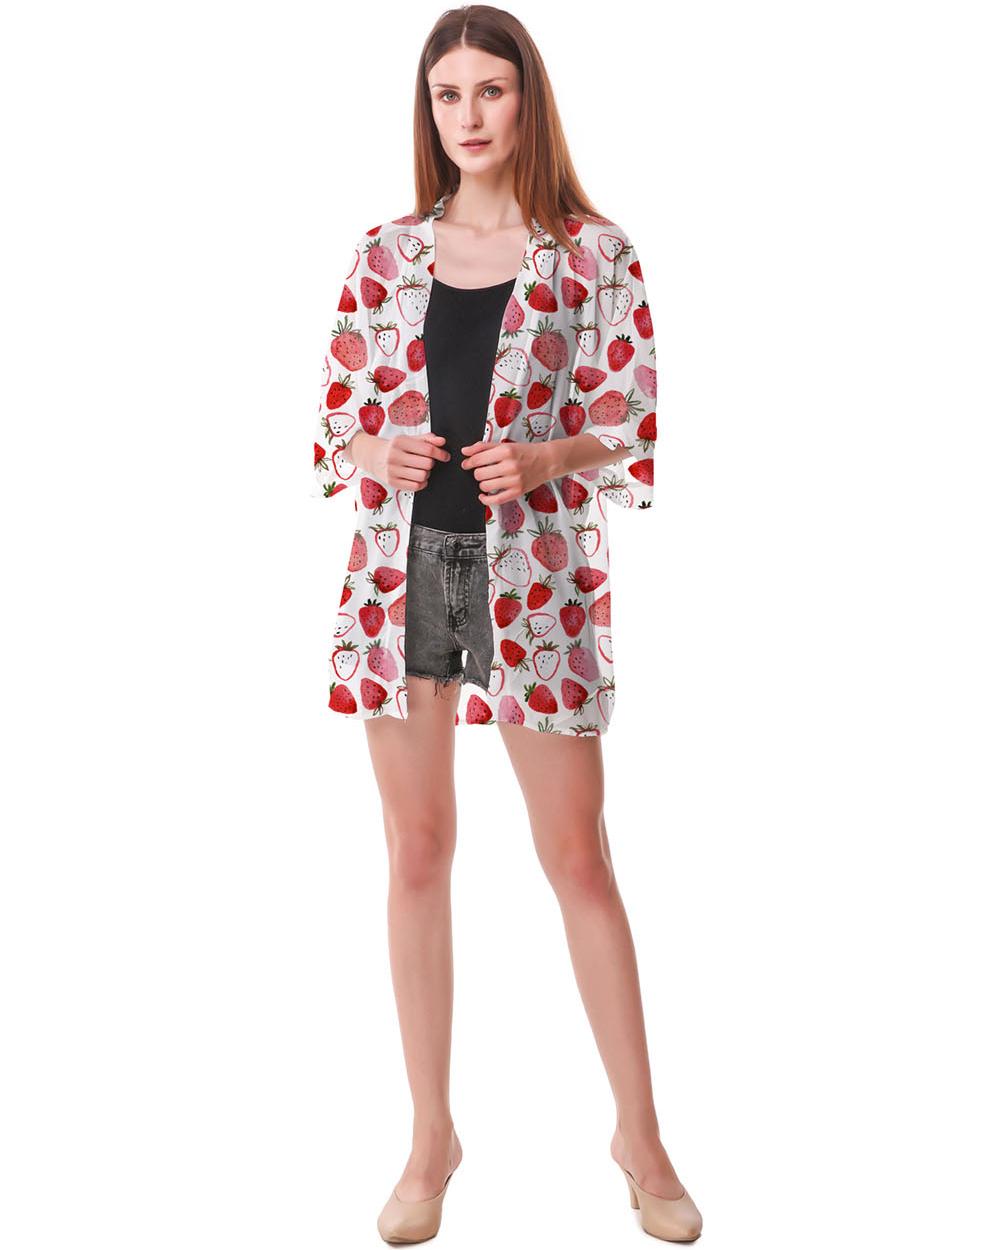 junctionstore/ravirajoria/jacket